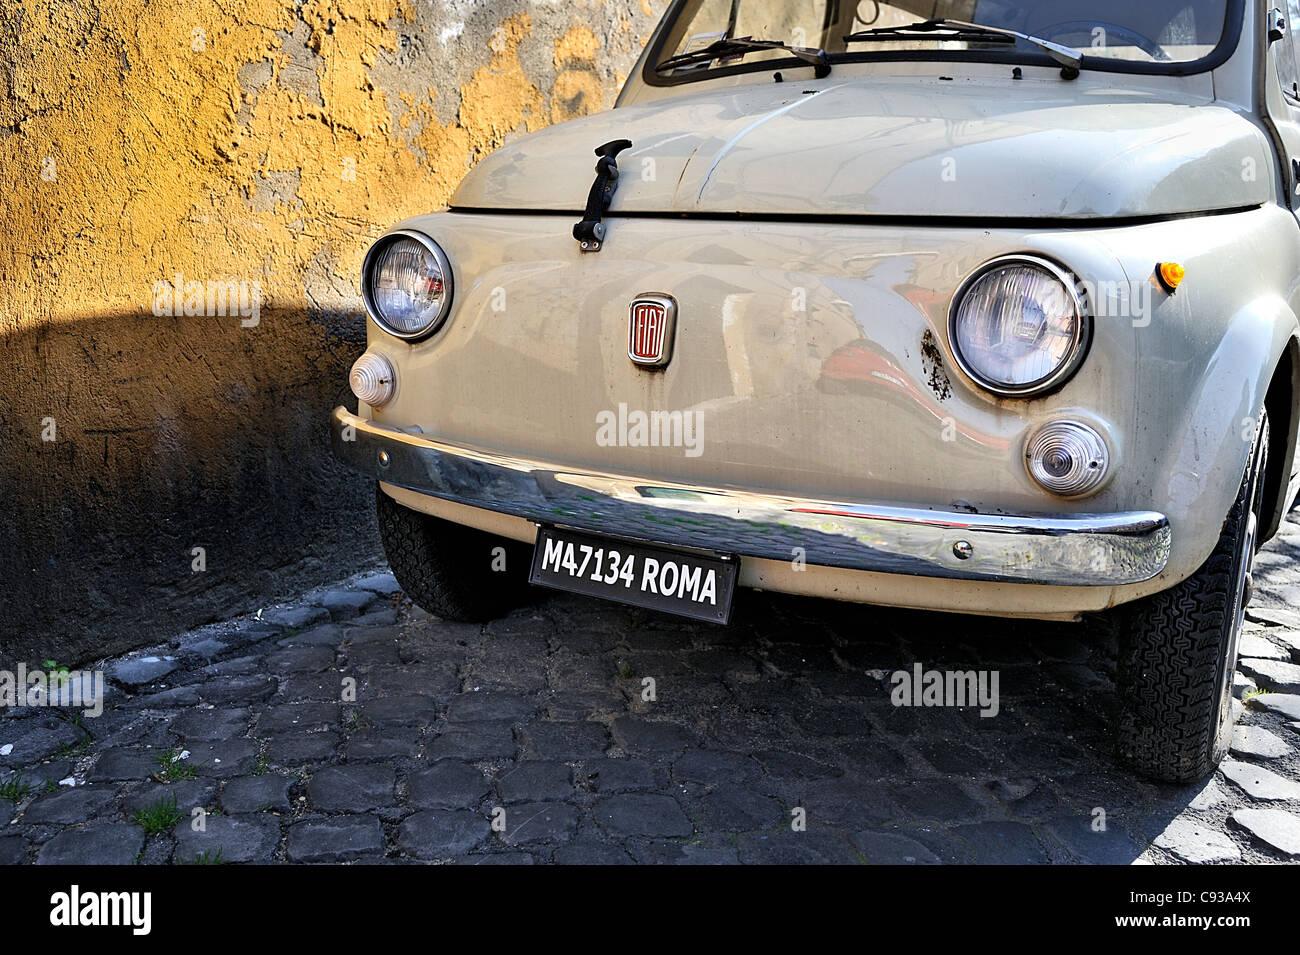 Fiat 500, Roma, Italy. - Stock Image